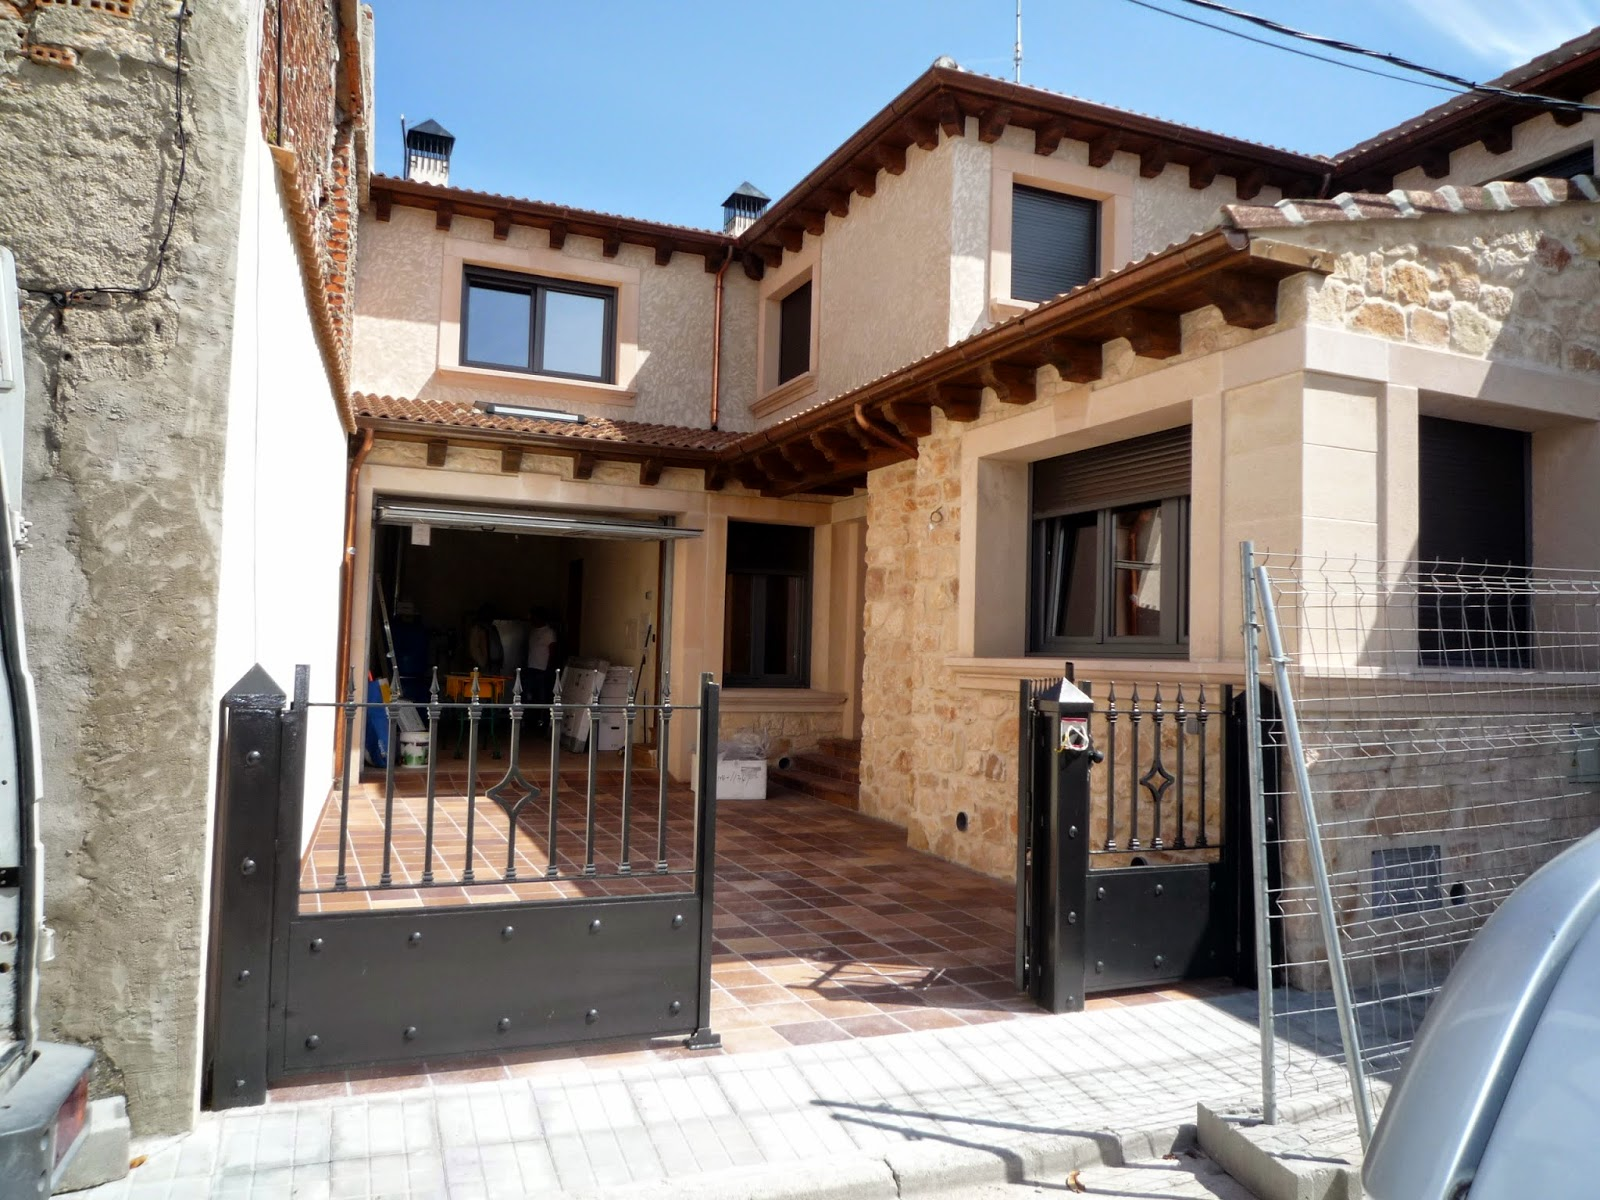 El Talon Sierte, construcción en Segovia: noviembre 2011